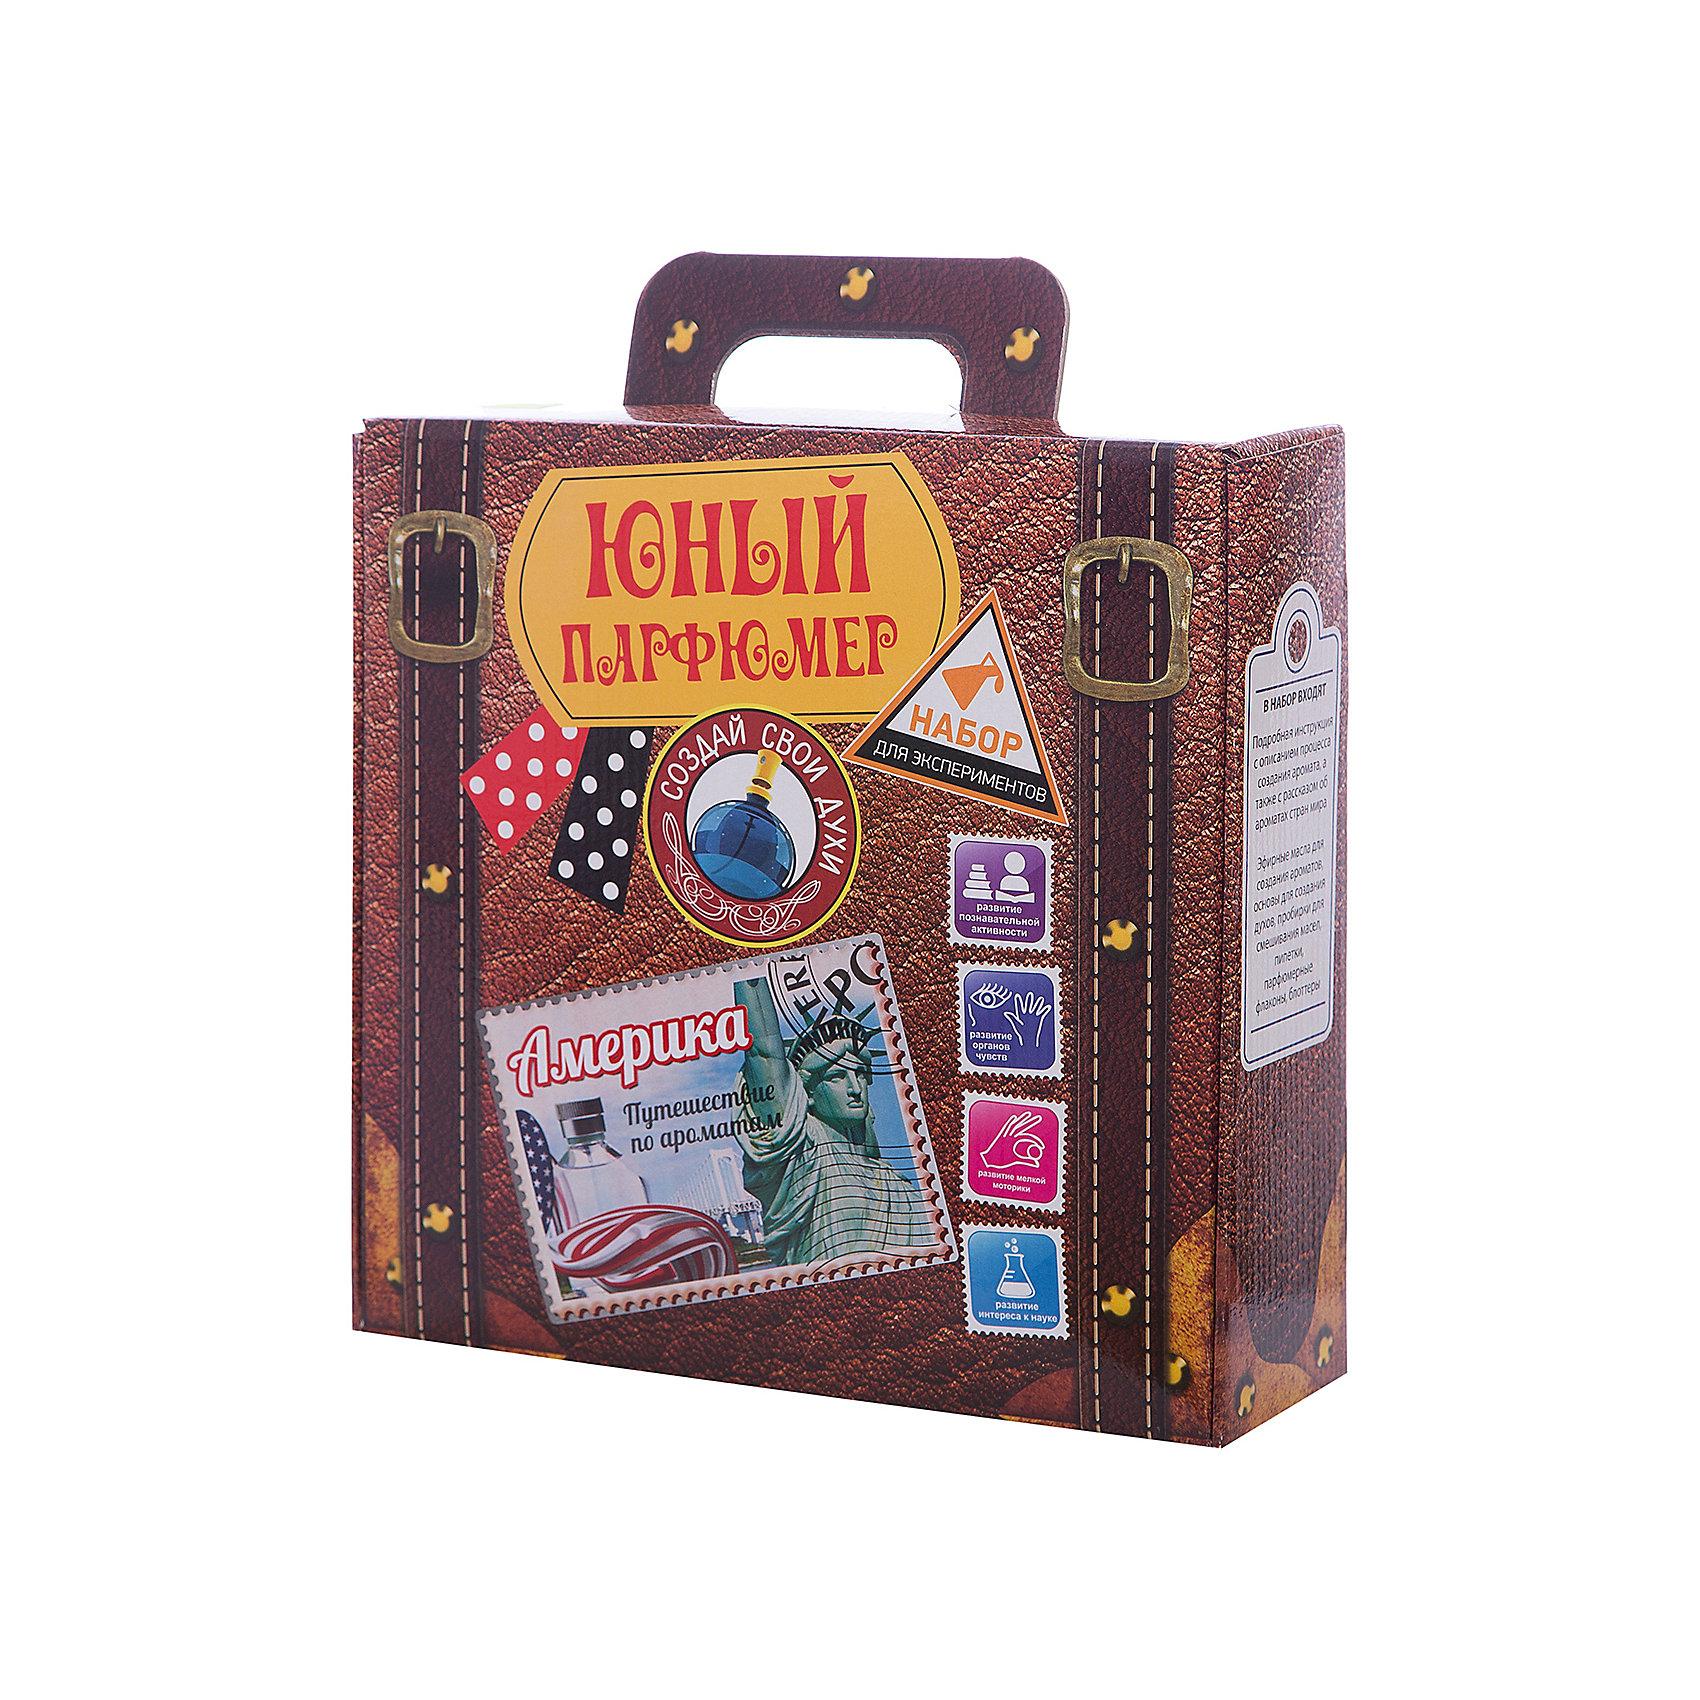 Набор для  экспериментов Юный парфюмер, Путешествие по ароматам: АмерикаНаборы для создания парфюмерии<br>Характеристики товара:<br><br>• комплектация: натуральные эфирные масла, воски, флаконы и другое парфюмерное оборудование<br>• упаковка: коробка в виде чемоданчика<br>• размер упаковки: 28х28х8 см<br>• возраст: от 8 лет<br>• развивающий<br>• страна бренда: Российская Федерация<br>• страна производства: Российская Федерация<br><br>Думаете, что подарить ребенку? Творчество - отличный способ занять детей. Это не только занимательно, но и очень полезно! С помощью такого набора ребенок сможет сам создать целых 25 различных ароматов. Нужно всего лишь следовать инструкции! Это несложно и увлекательно. Готовое изделие может стать подарком от ребенка на праздник для близких и родственников!<br>Такое занятие помогает детям развивать многие важные навыки и способности: они тренируют внимание, память, логику, мышление, мелкую моторику, творческие способности, а также усидчивость и аккуратность. Изделие производится из качественных сертифицированных материалов, безопасных даже для самых маленьких.<br><br>Набор для экспериментов Юный парфюмер, Путешествие по ароматам: Америка от бренда ВИСМА можно купить в нашем интернет-магазине.<br><br>Ширина мм: 280<br>Глубина мм: 85<br>Высота мм: 275<br>Вес г: 1111<br>Возраст от месяцев: 96<br>Возраст до месяцев: 168<br>Пол: Унисекс<br>Возраст: Детский<br>SKU: 5067622